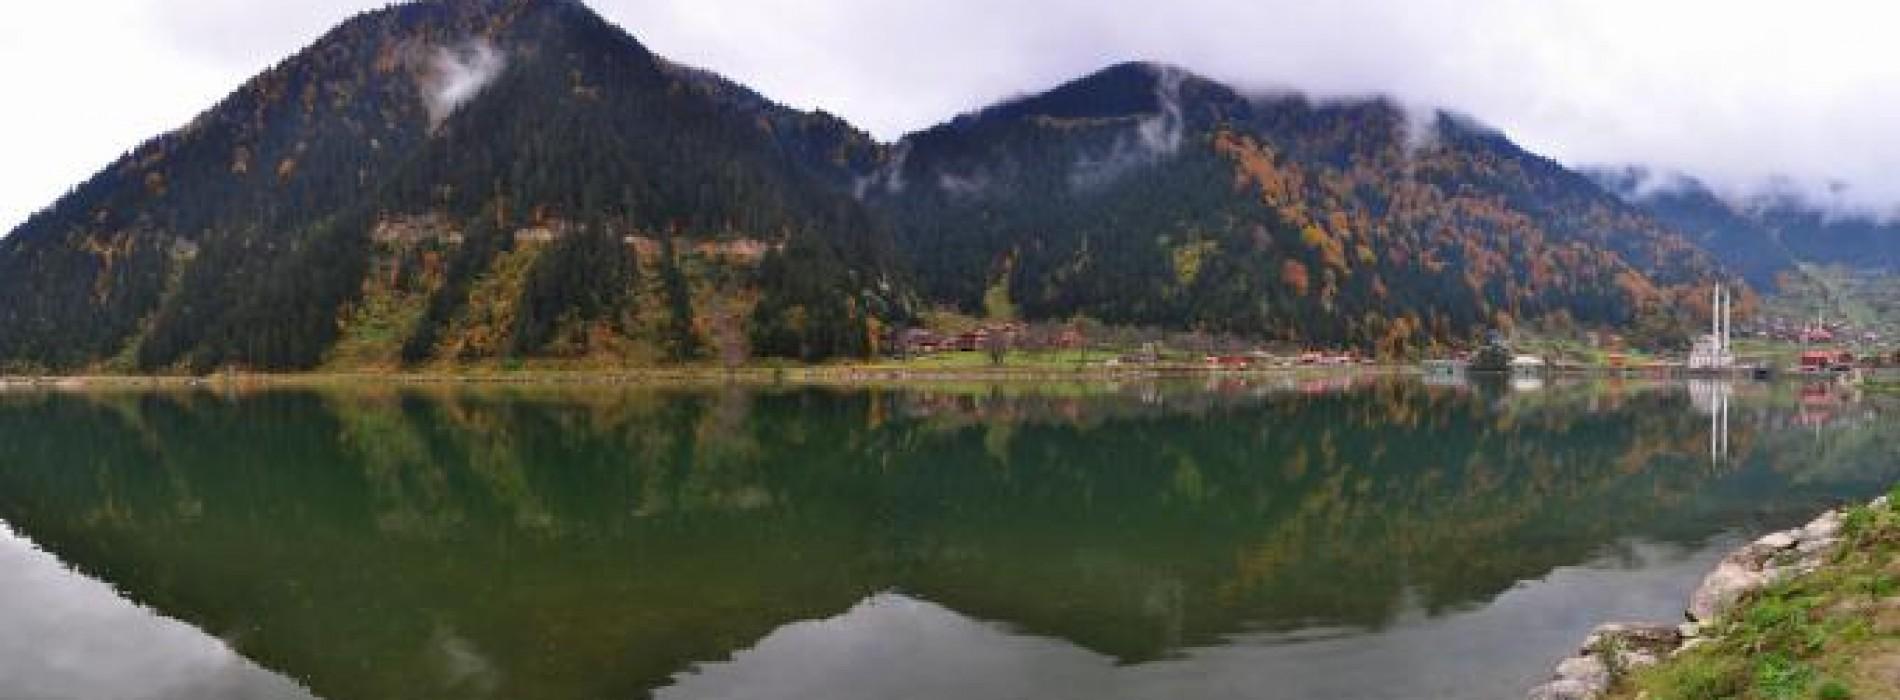 Karadeniz İpek Yolu Koridoru Proje Ekibi 22.000 km Yol Katederek Saha Ziyaretlerini Tamamladı..